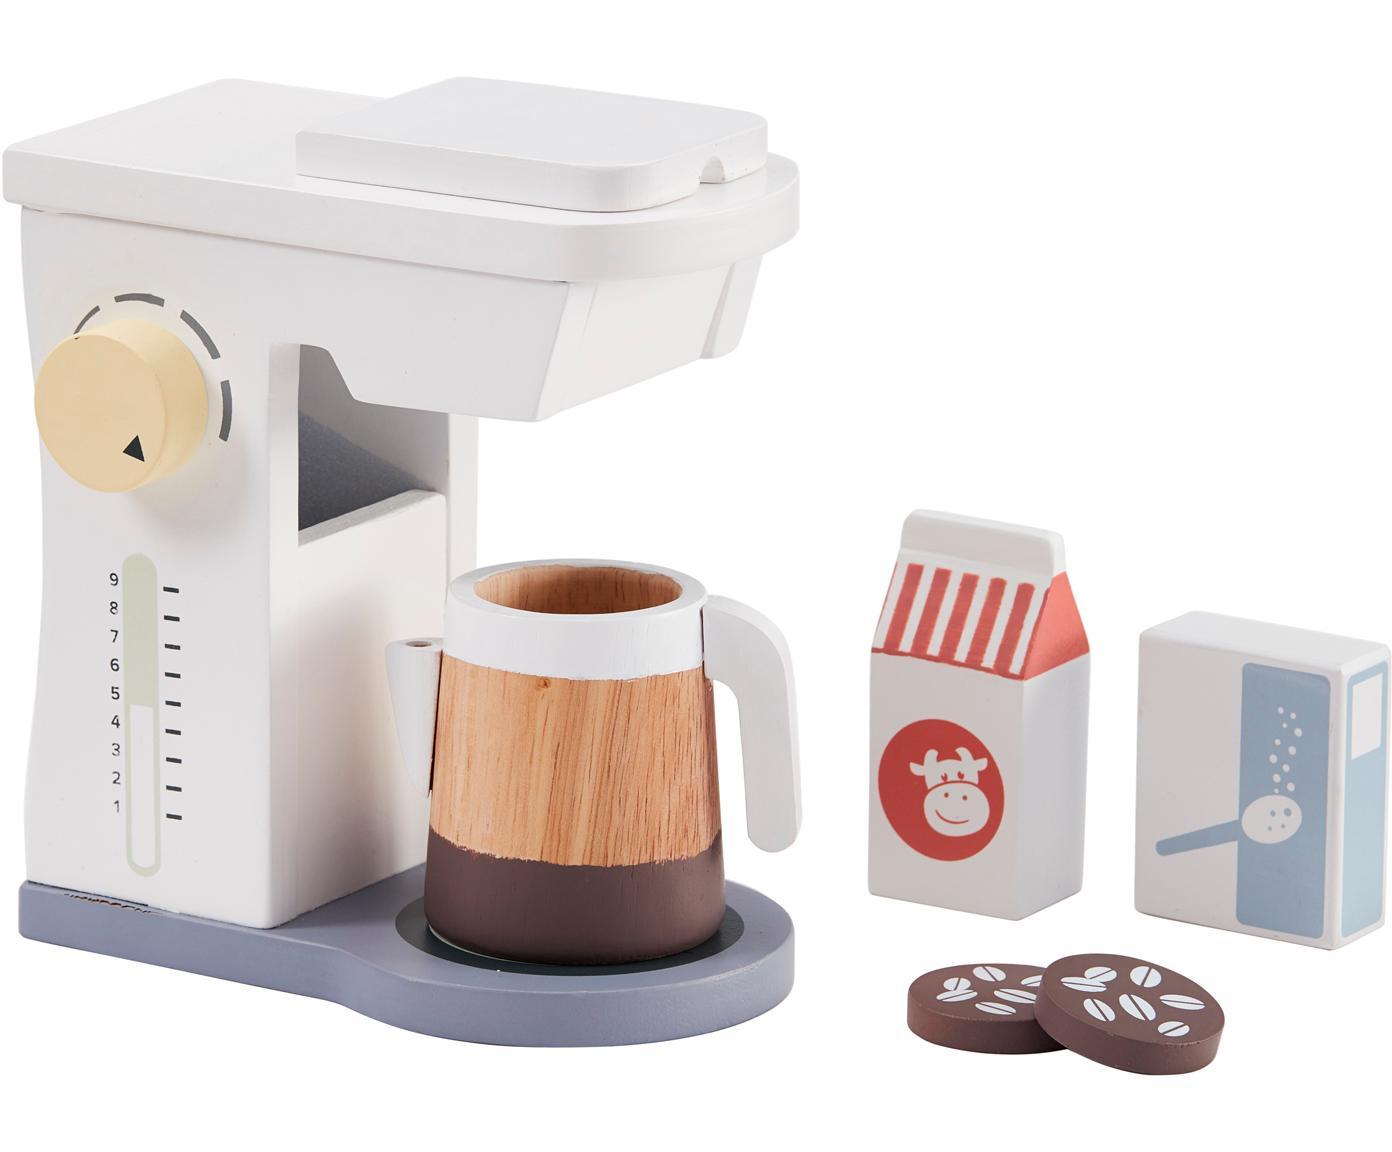 Spielzeug-Set Coffee Machine, Holz, Mehrfarbig, 16 x 20 cm